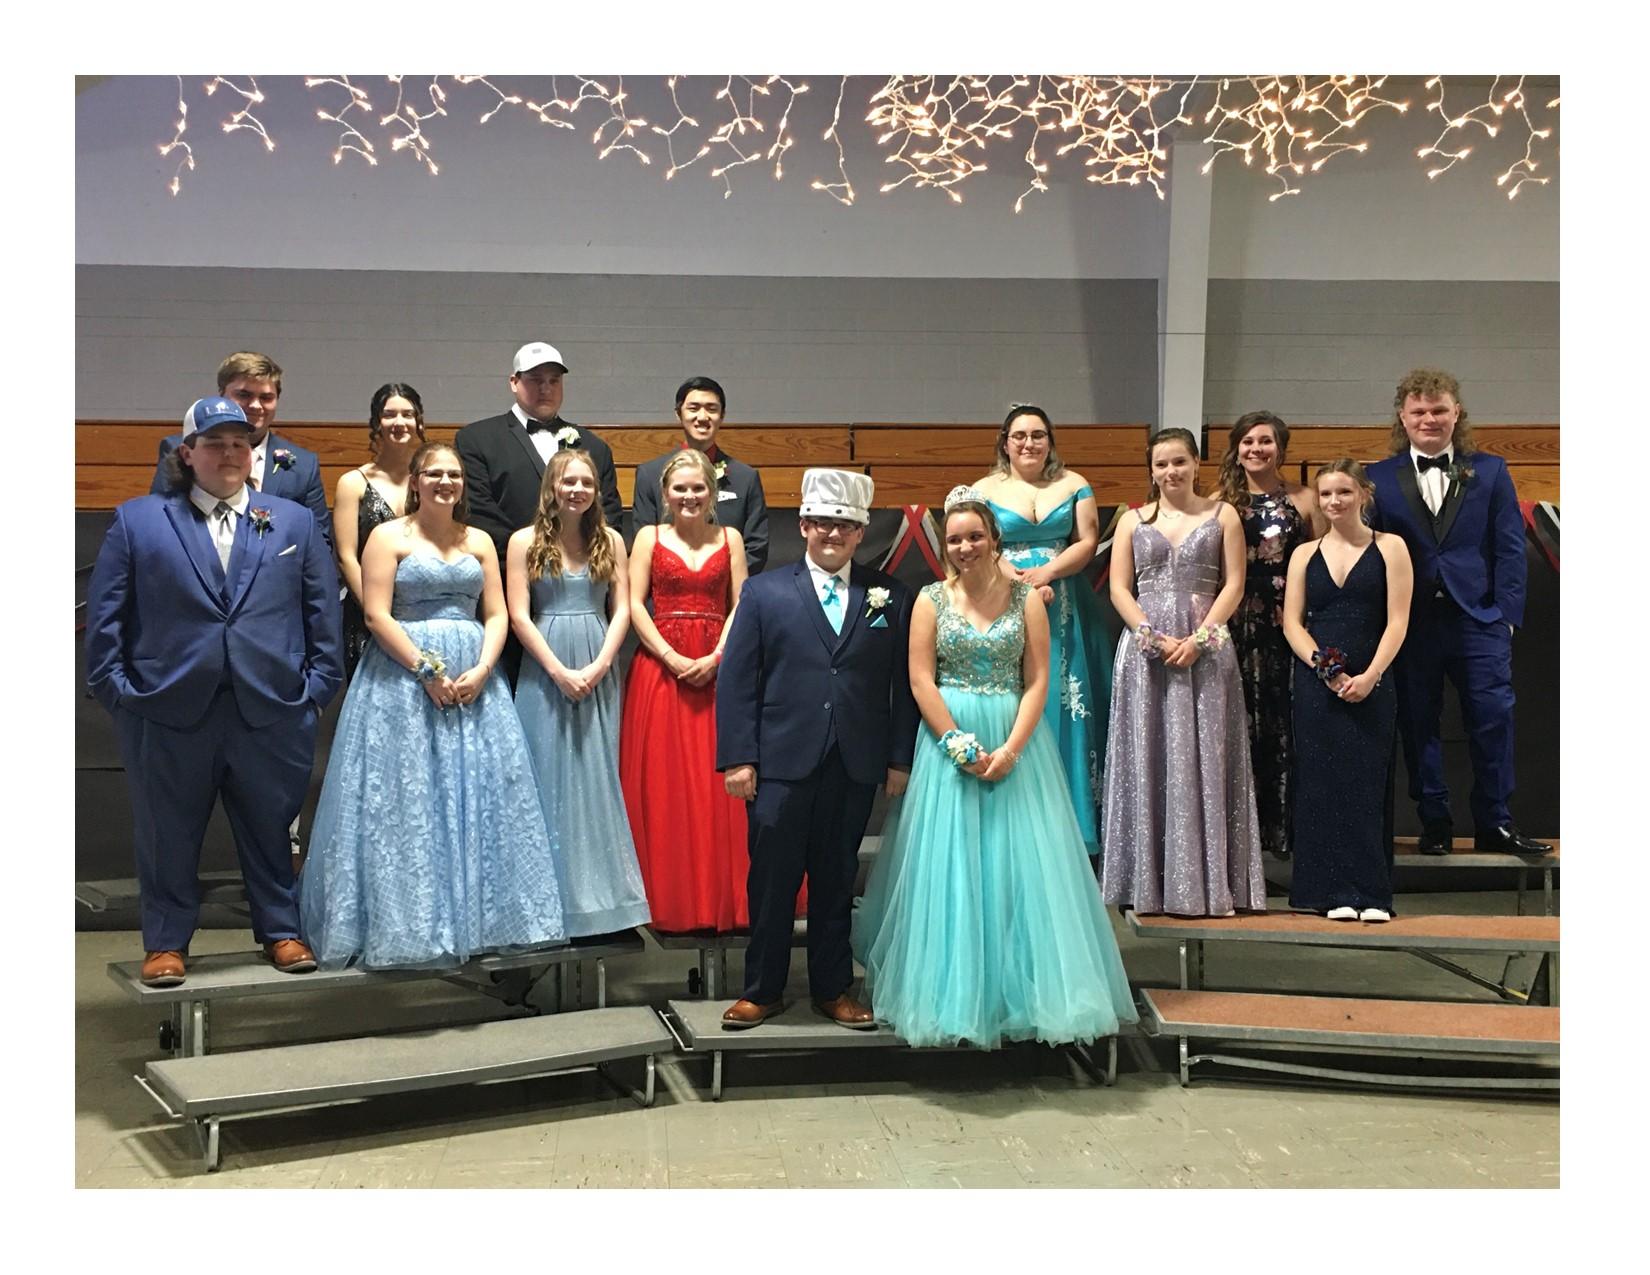 Weston's junior prom court 2021